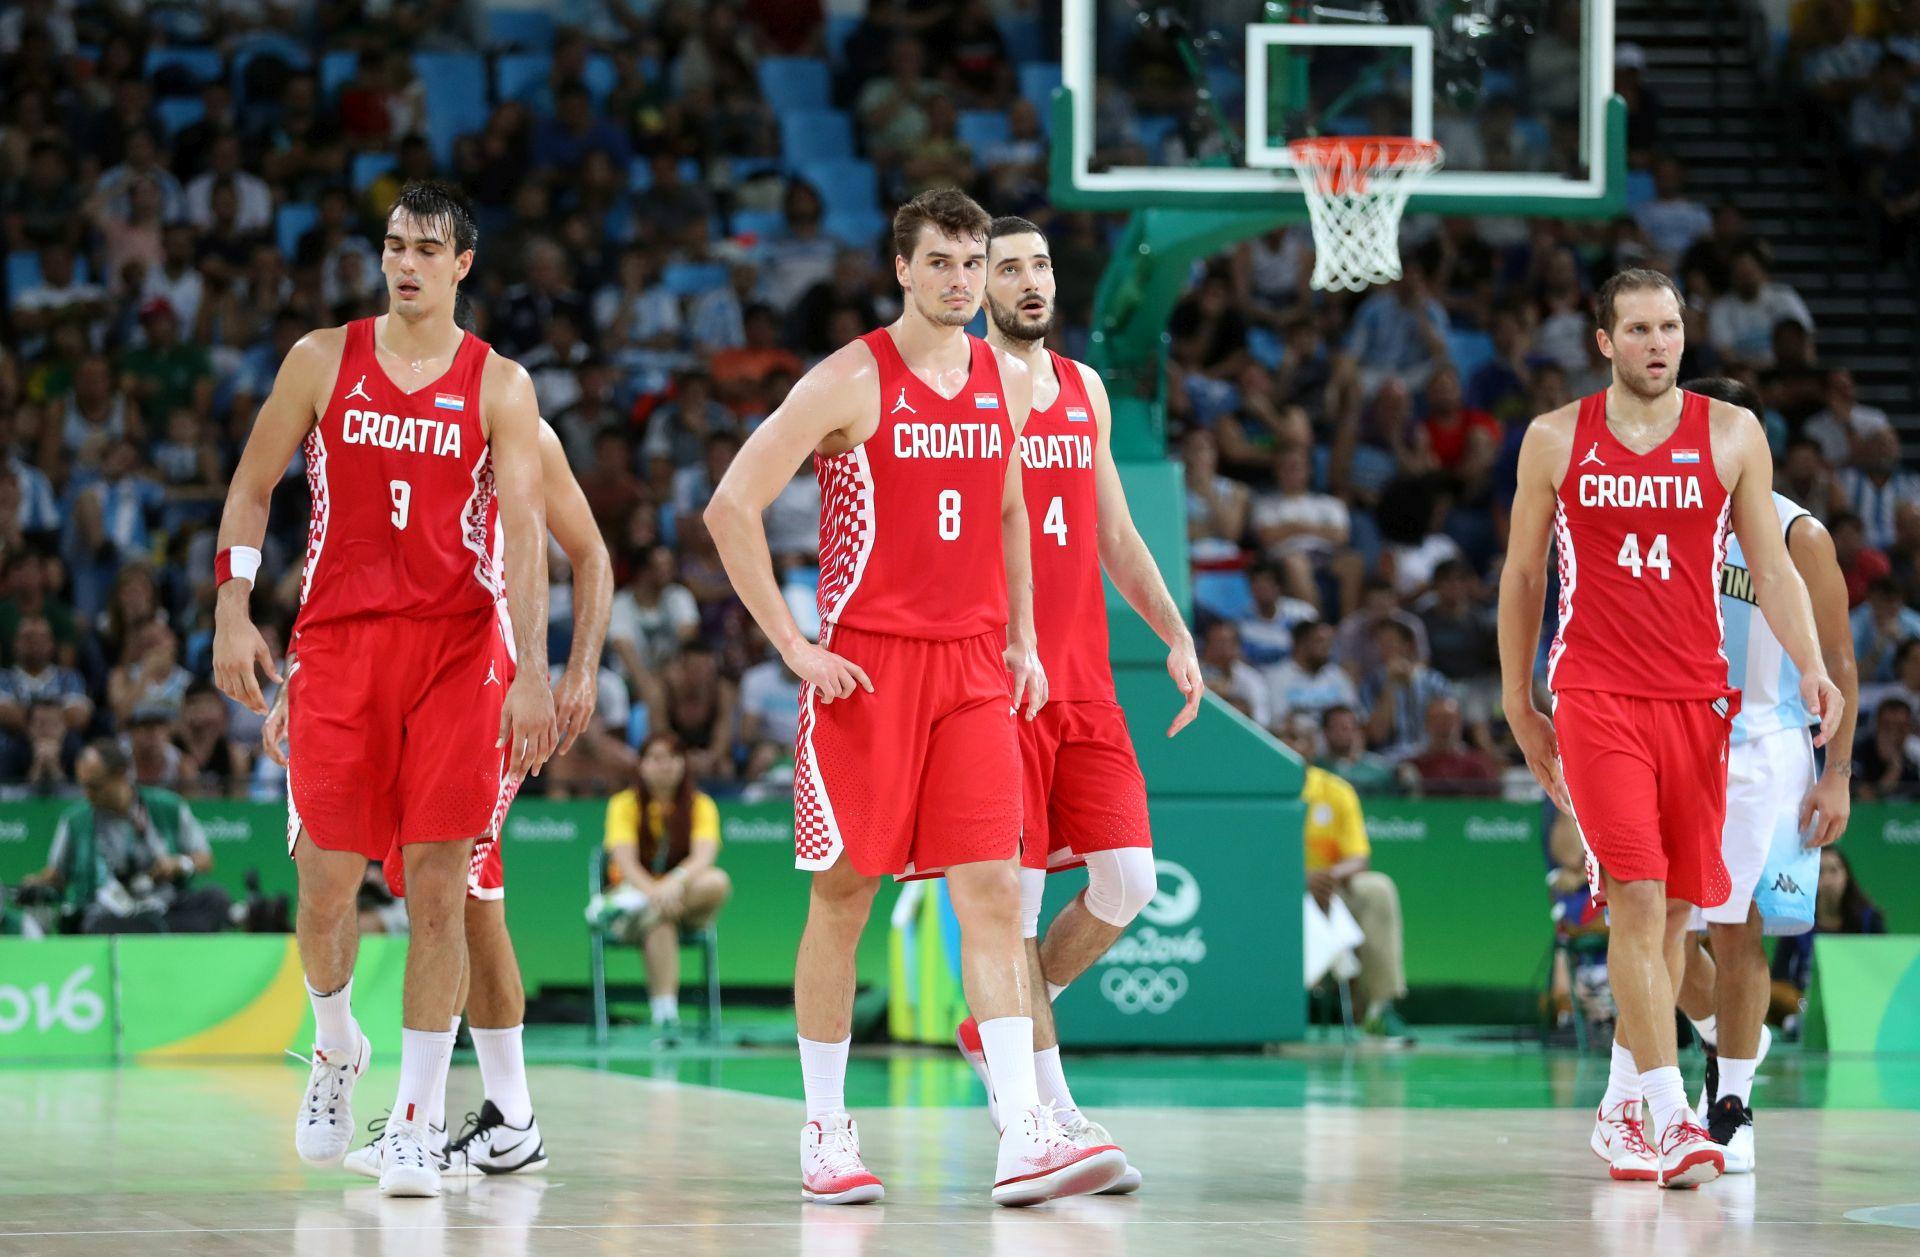 OI RIO: Hrvatski košarkaši još mogu biti prvi, ali i ispasti